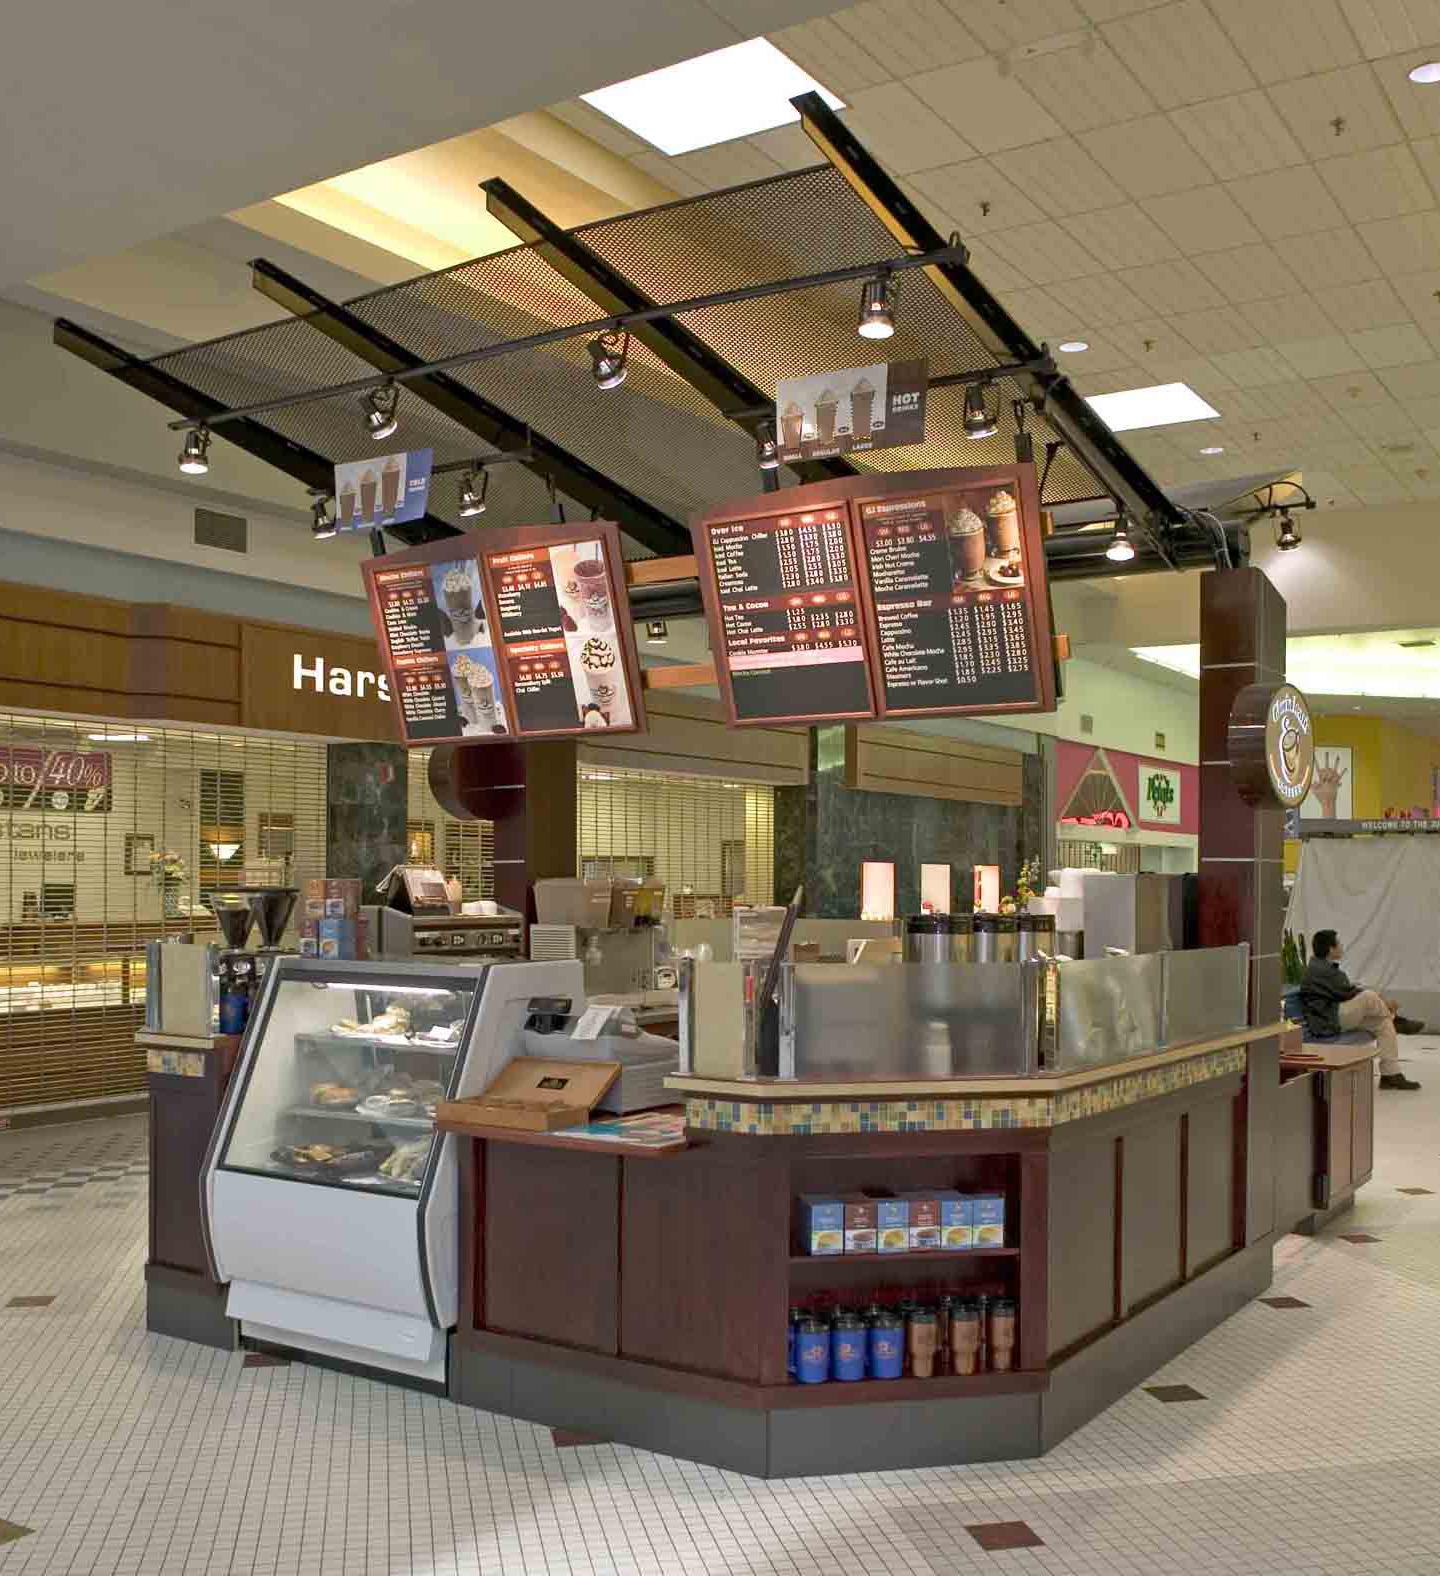 Sunkkioskindoor for Indoor food kiosk design